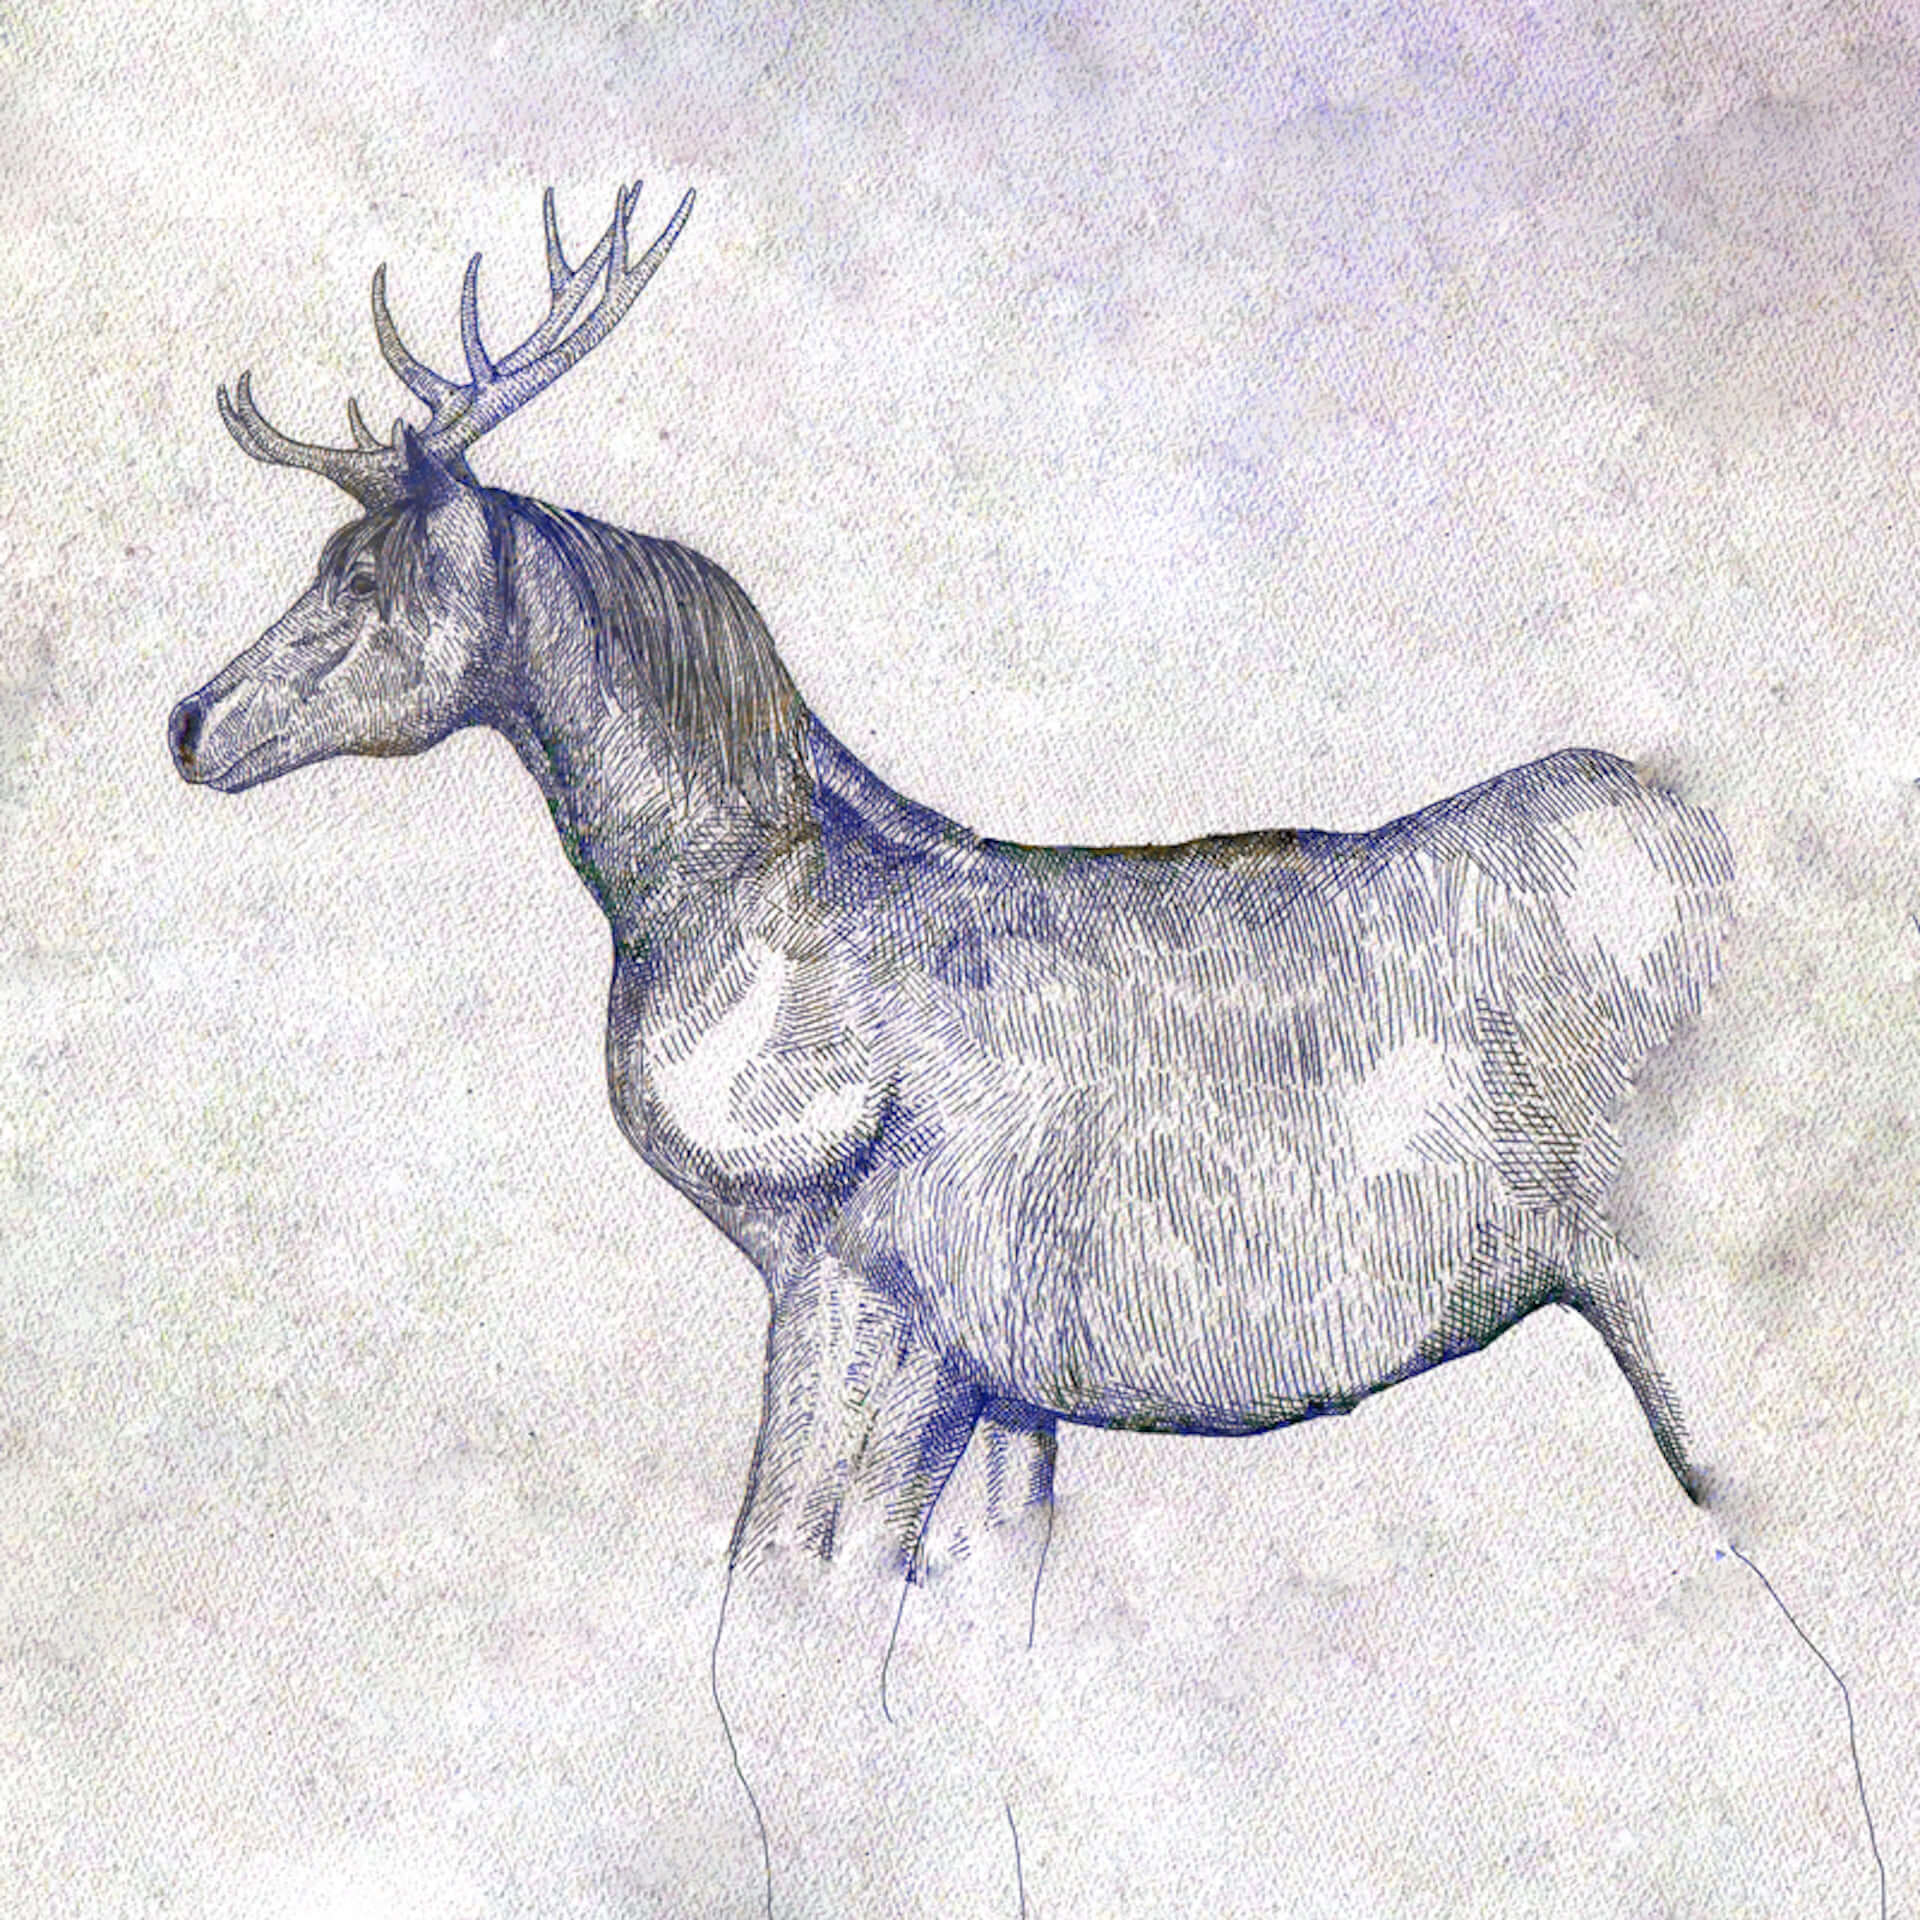 米津玄師『ノーサイド・ゲーム』主題歌「馬と鹿」がCDリリース決定!「海の幽霊」も収録 gourmet190712_yonezukenshi_umatoshika_2-1920x1920